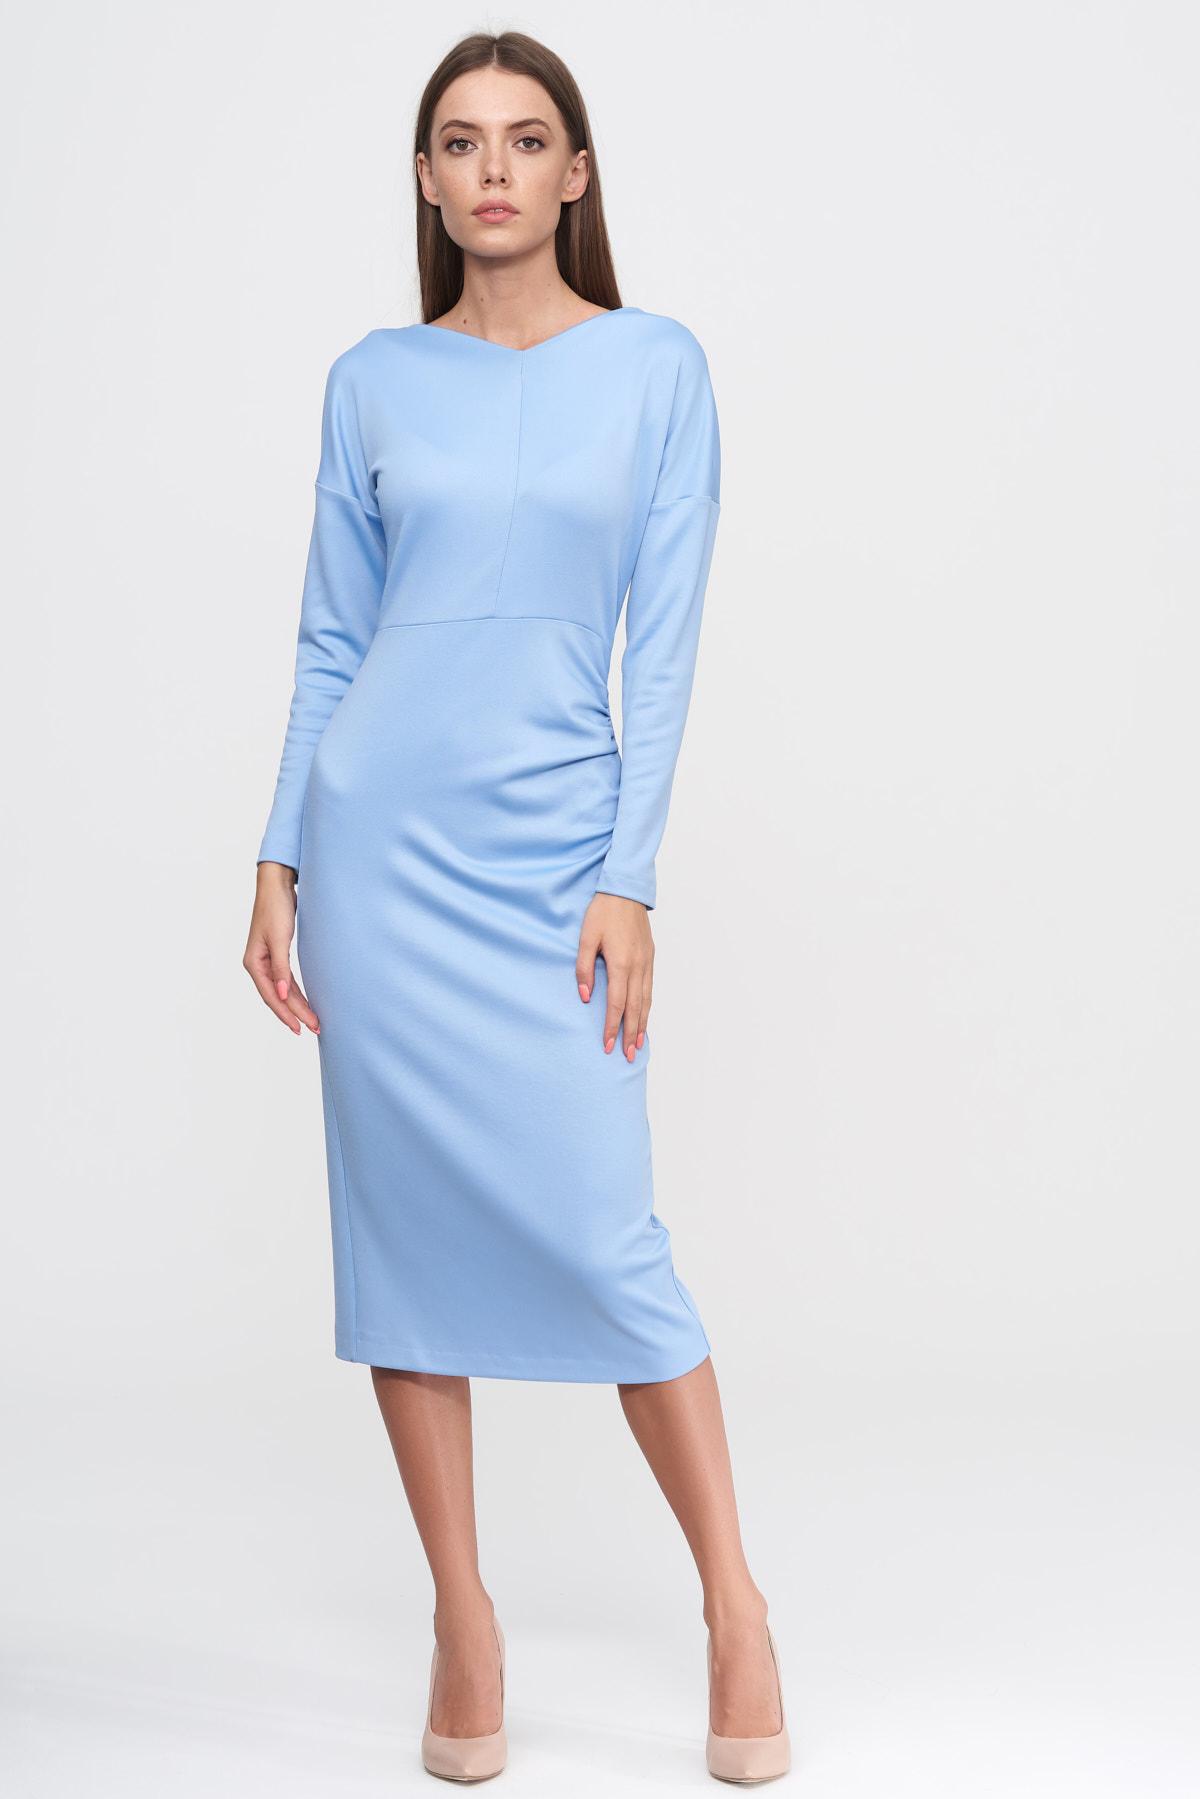 Платье женские Natali Bolgar модель 19057TR267 приобрести, 2017